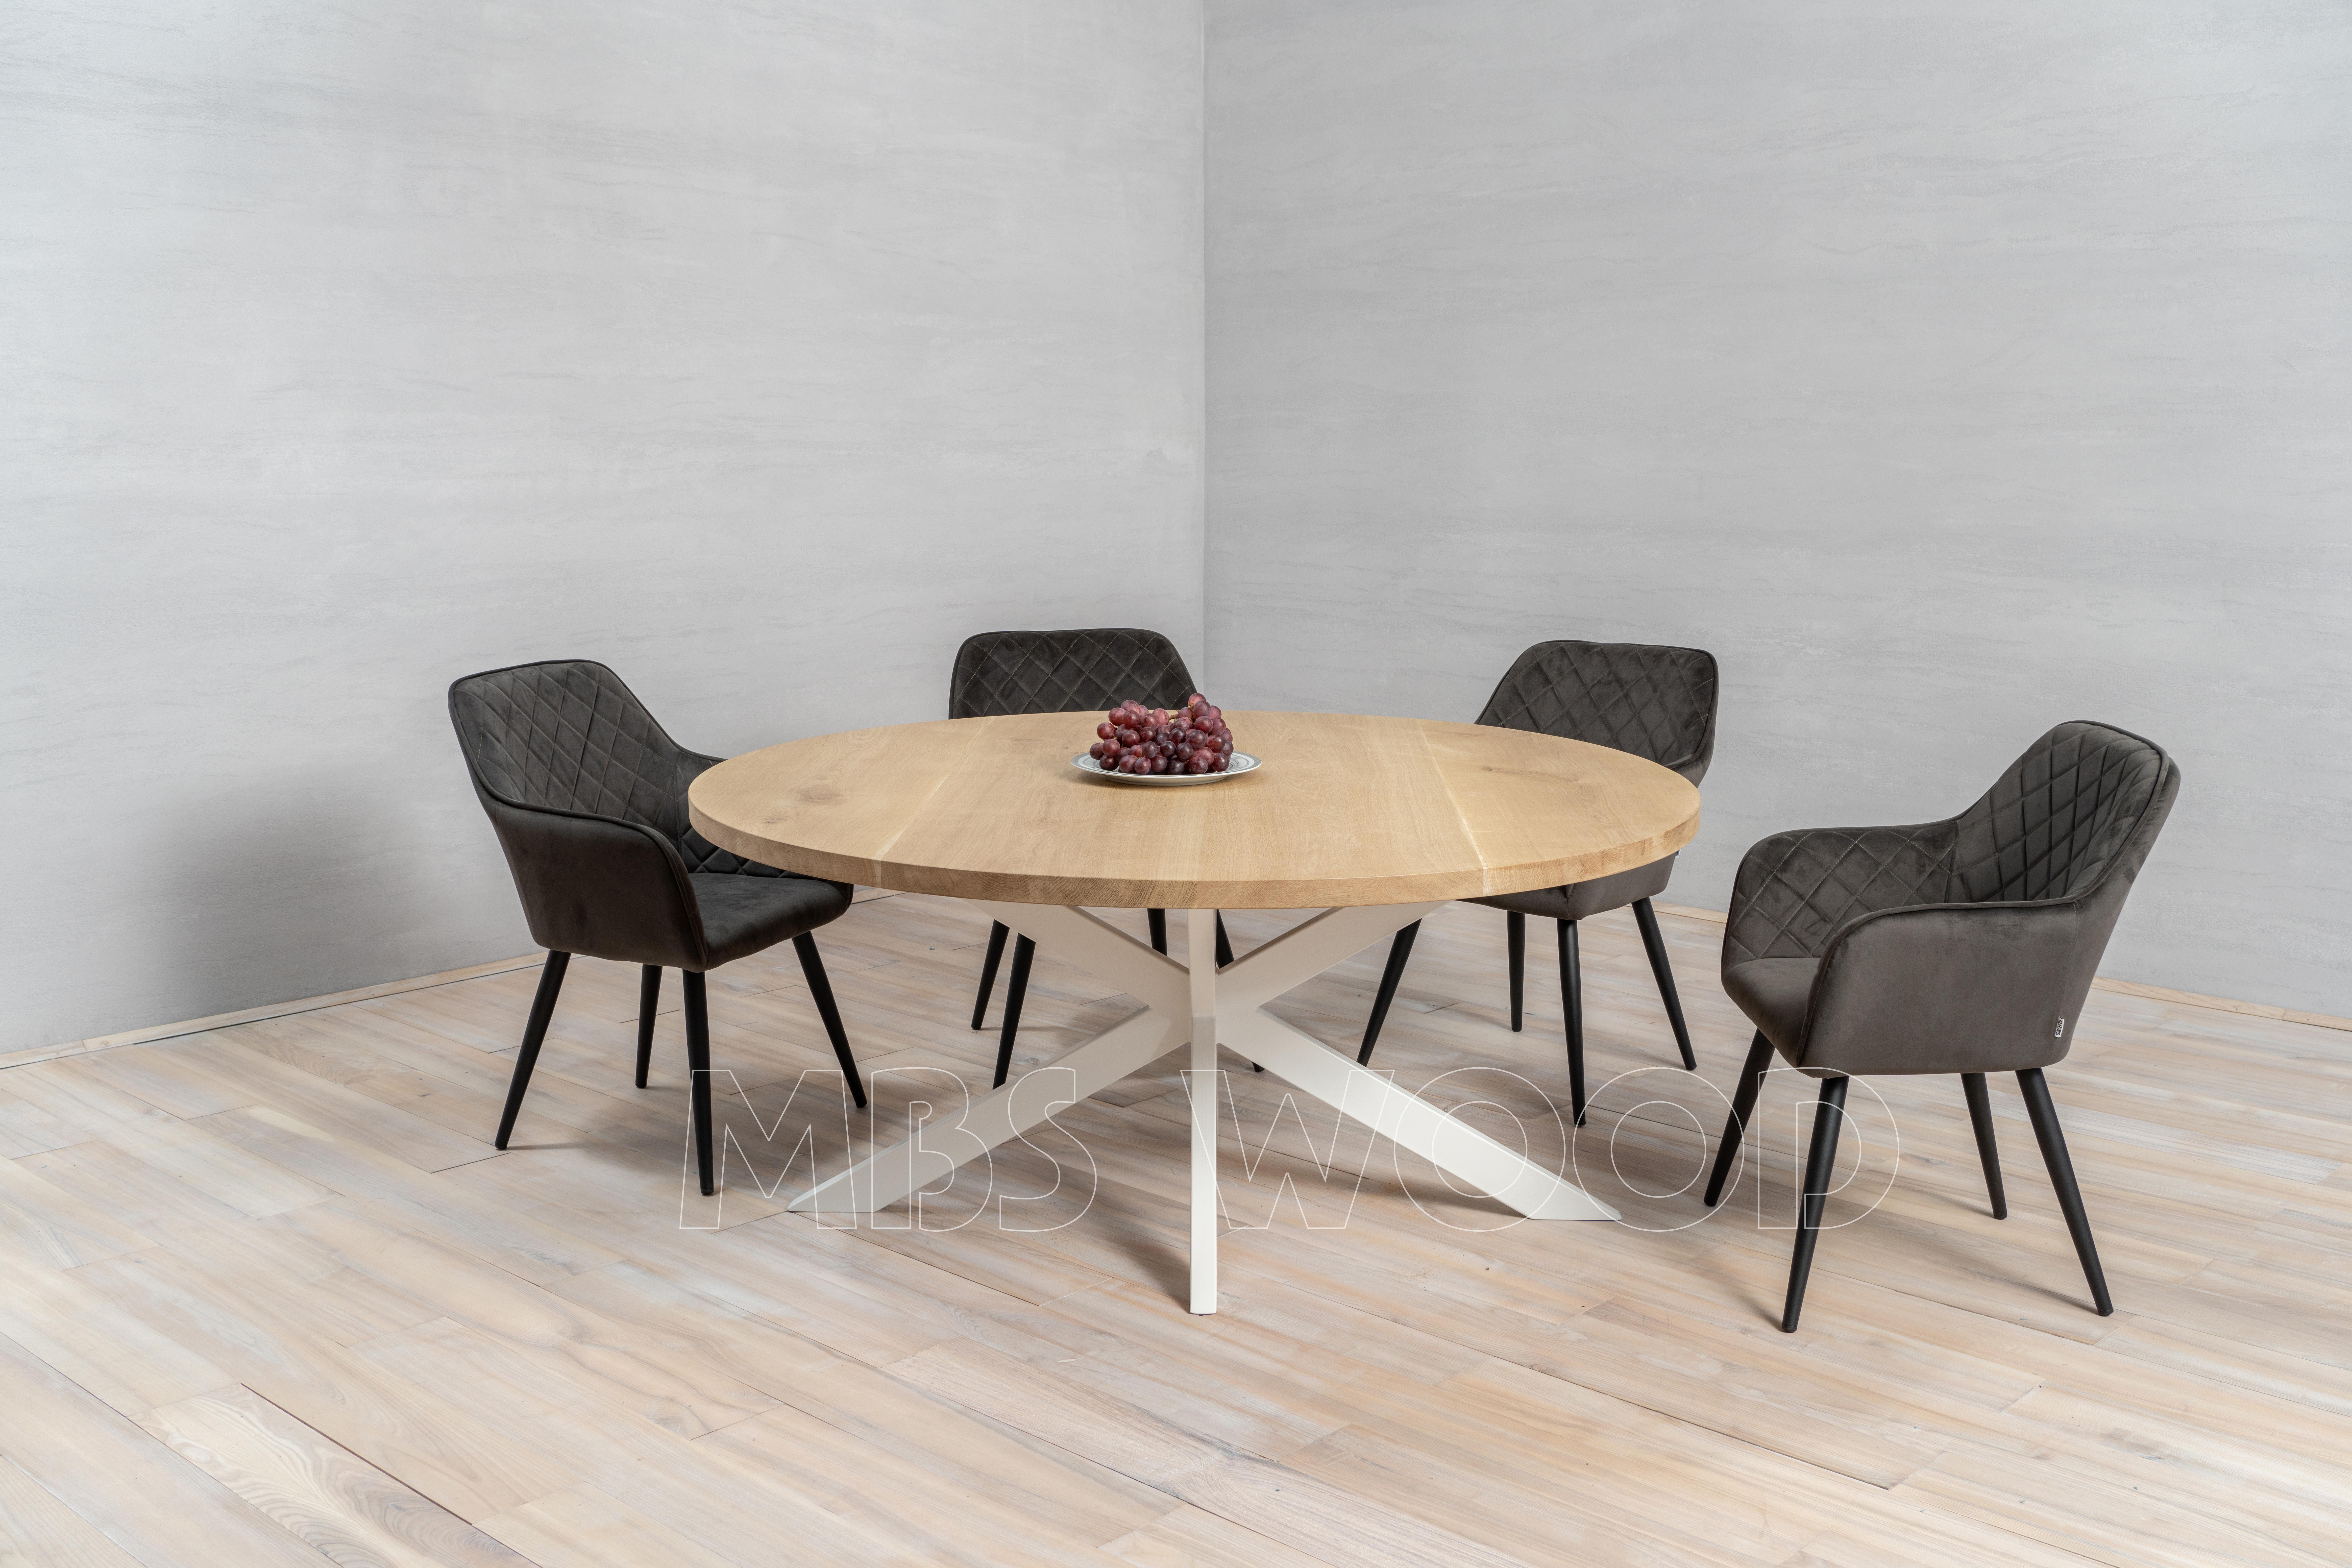 engros eg køkkenbord